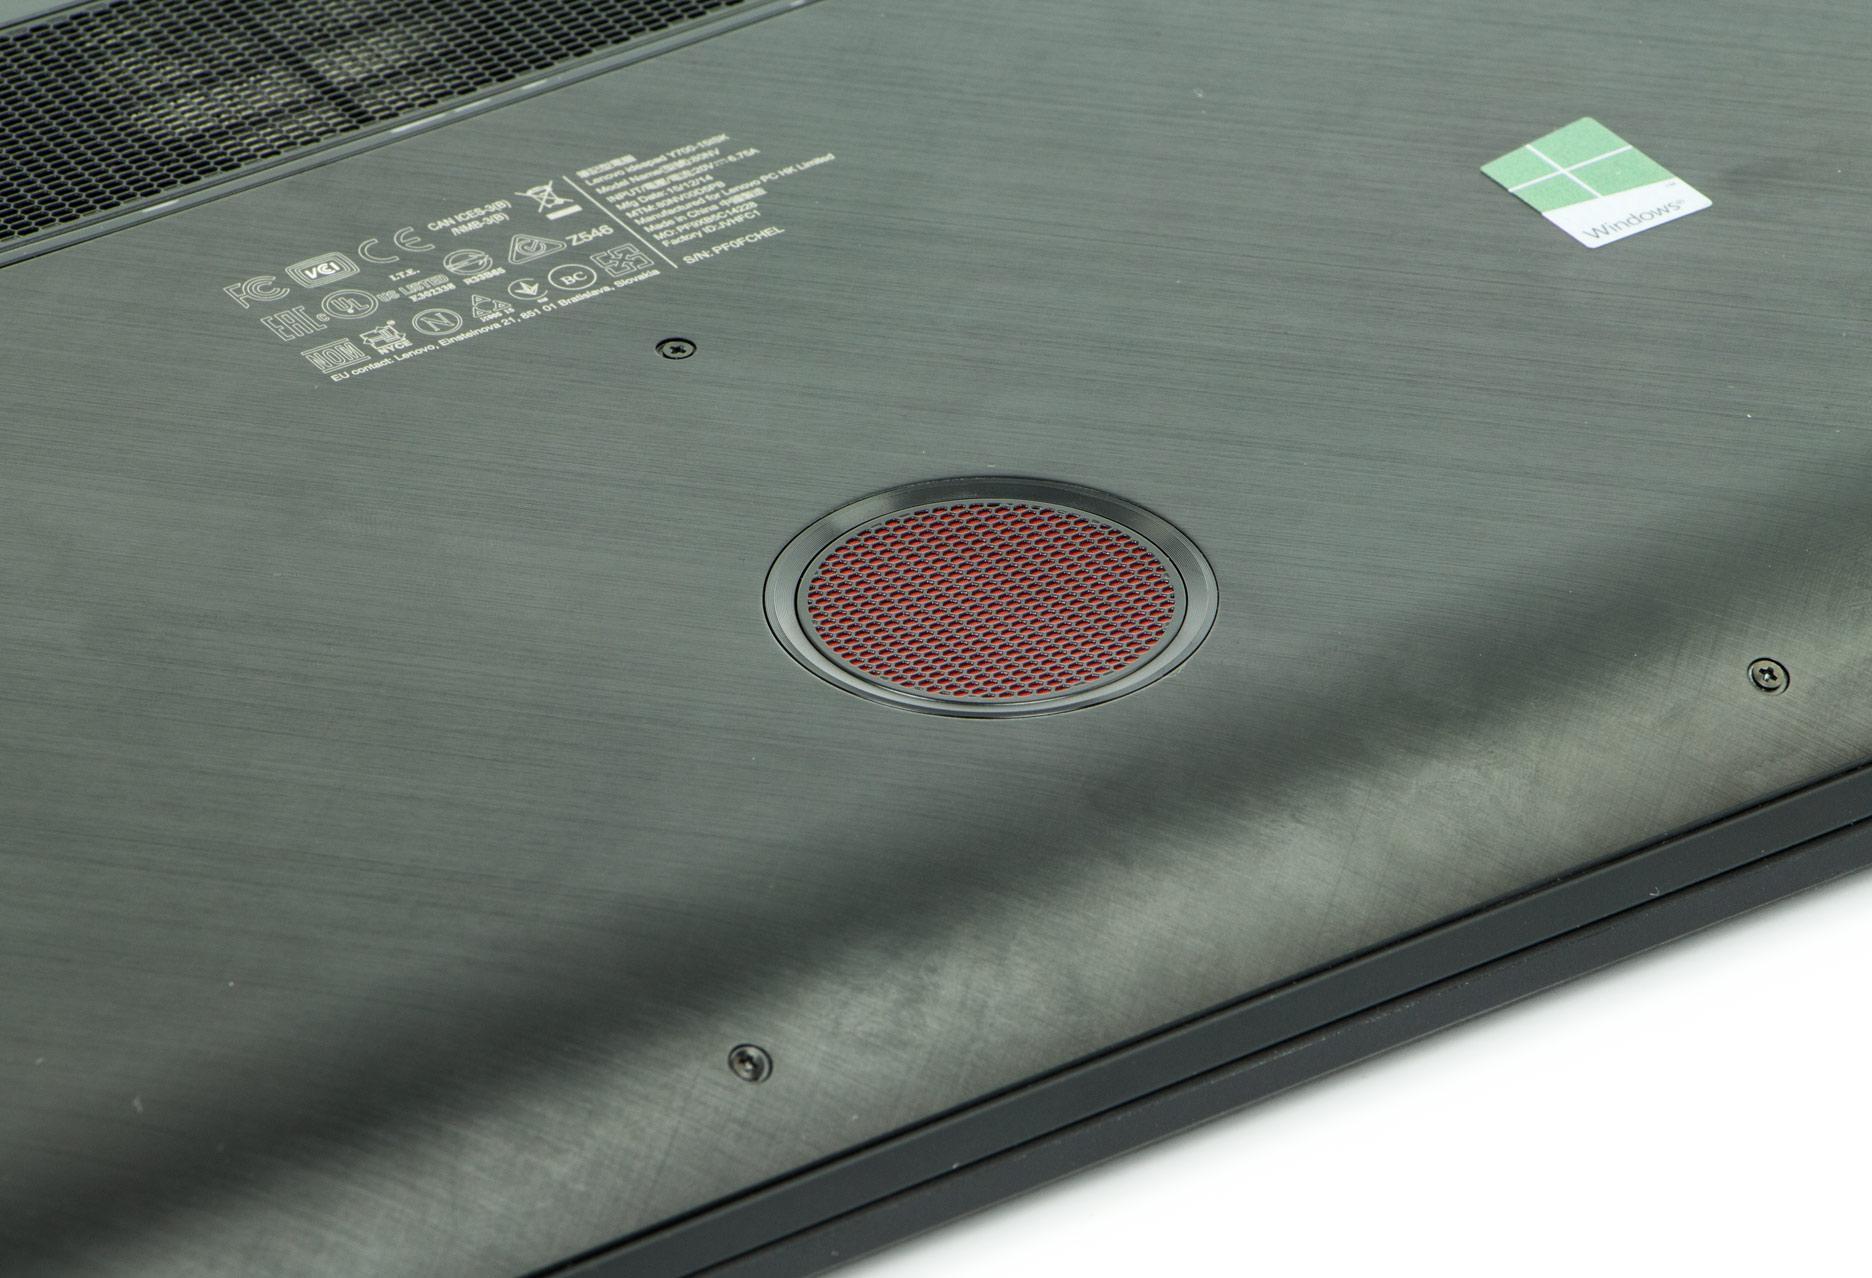 Lenovo Y700-15ISK subwoofer